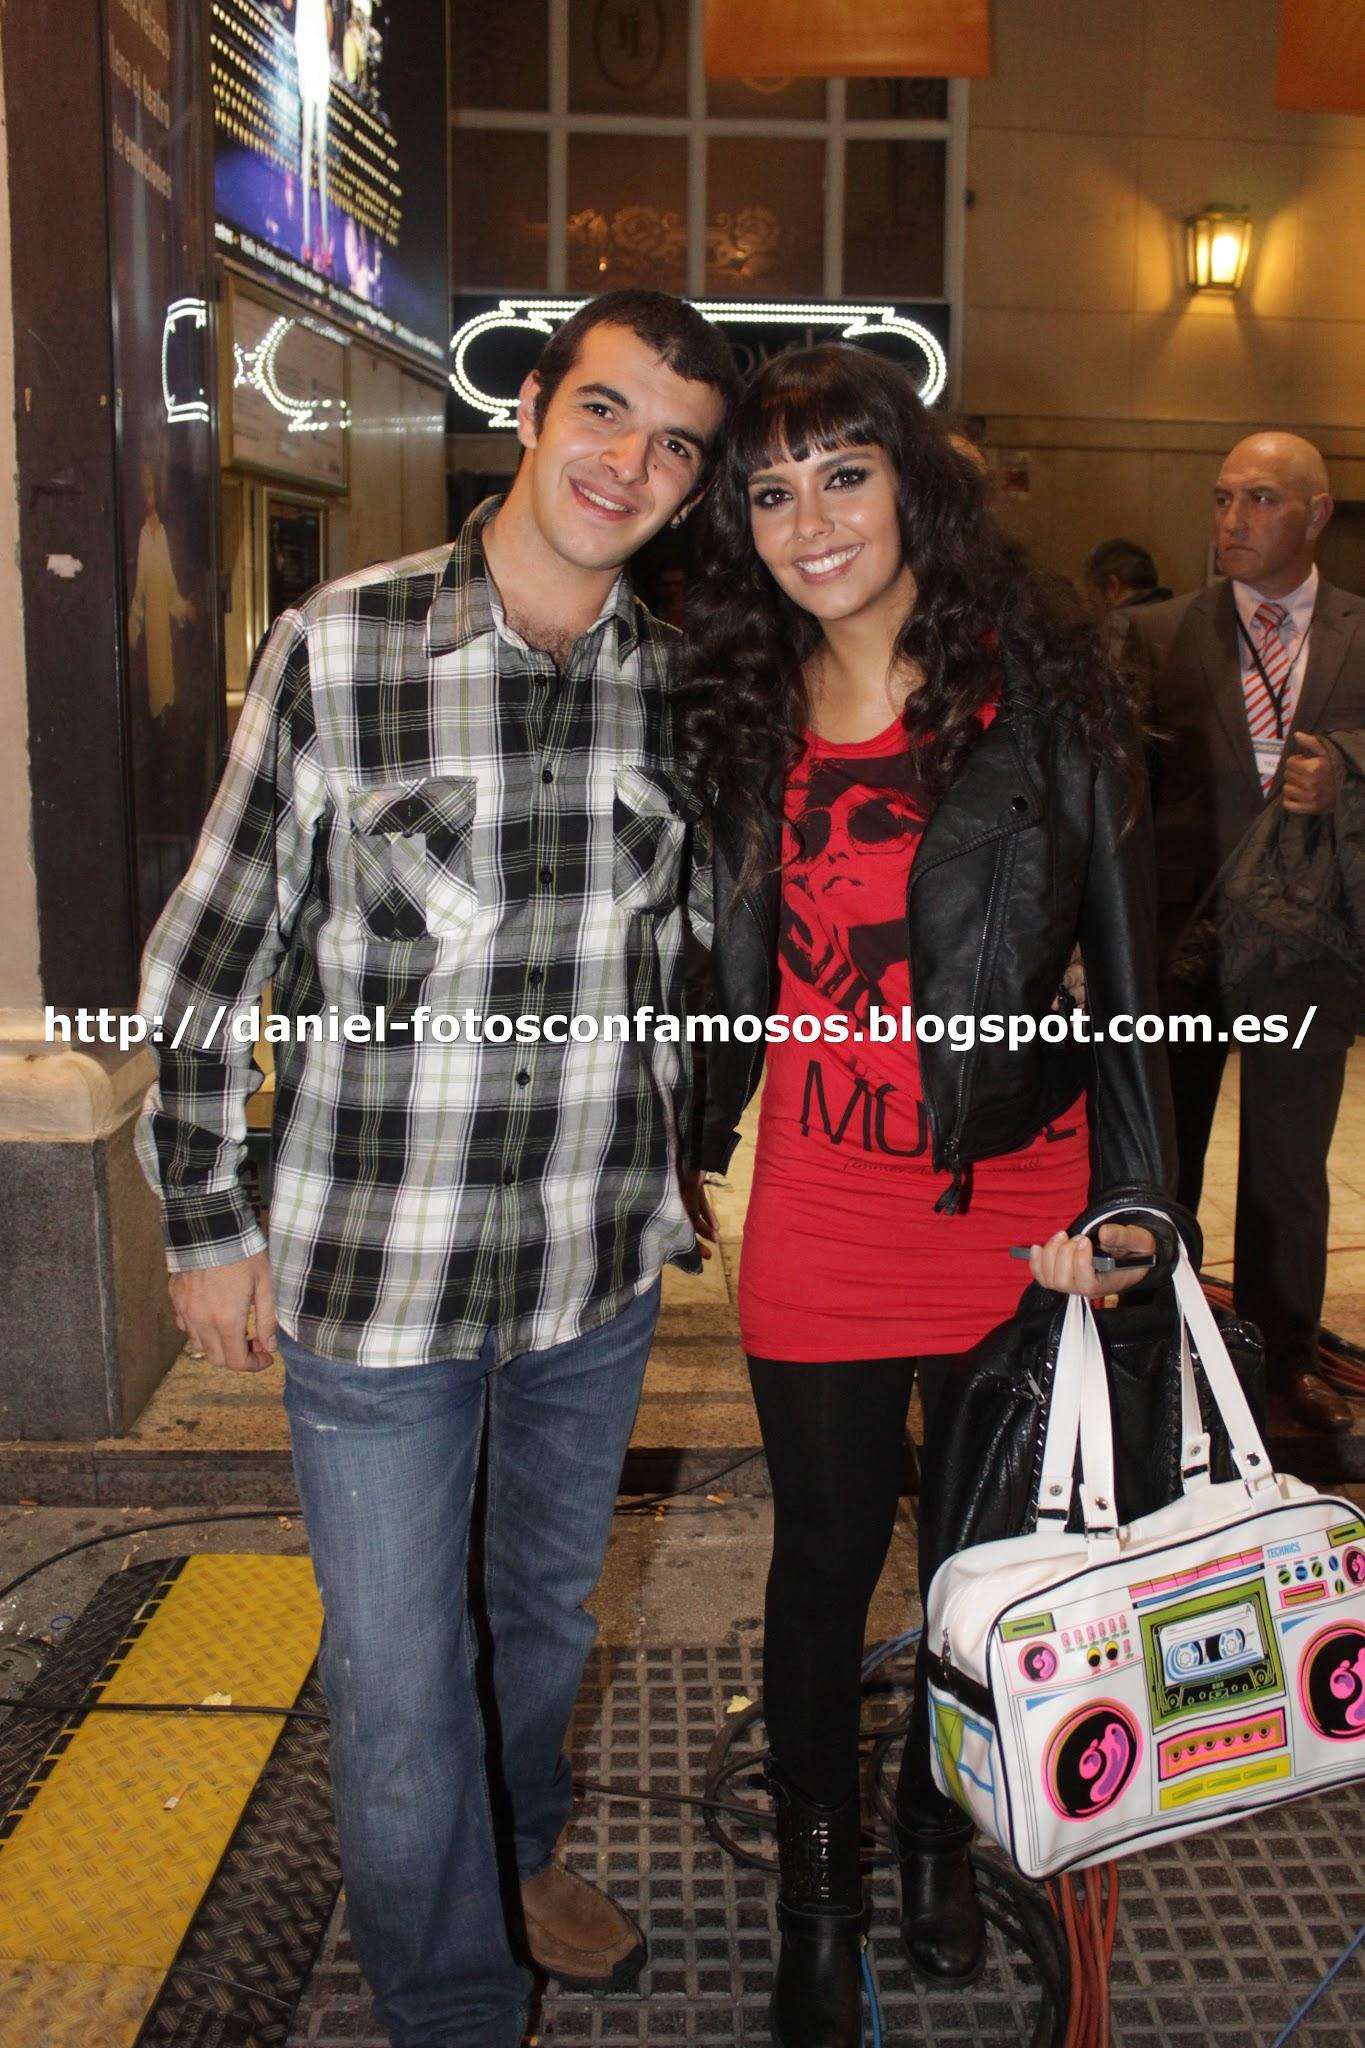 ¿Cuánto mide y pesa Cristina Pedroche? - Real height Cristina+Pedroche